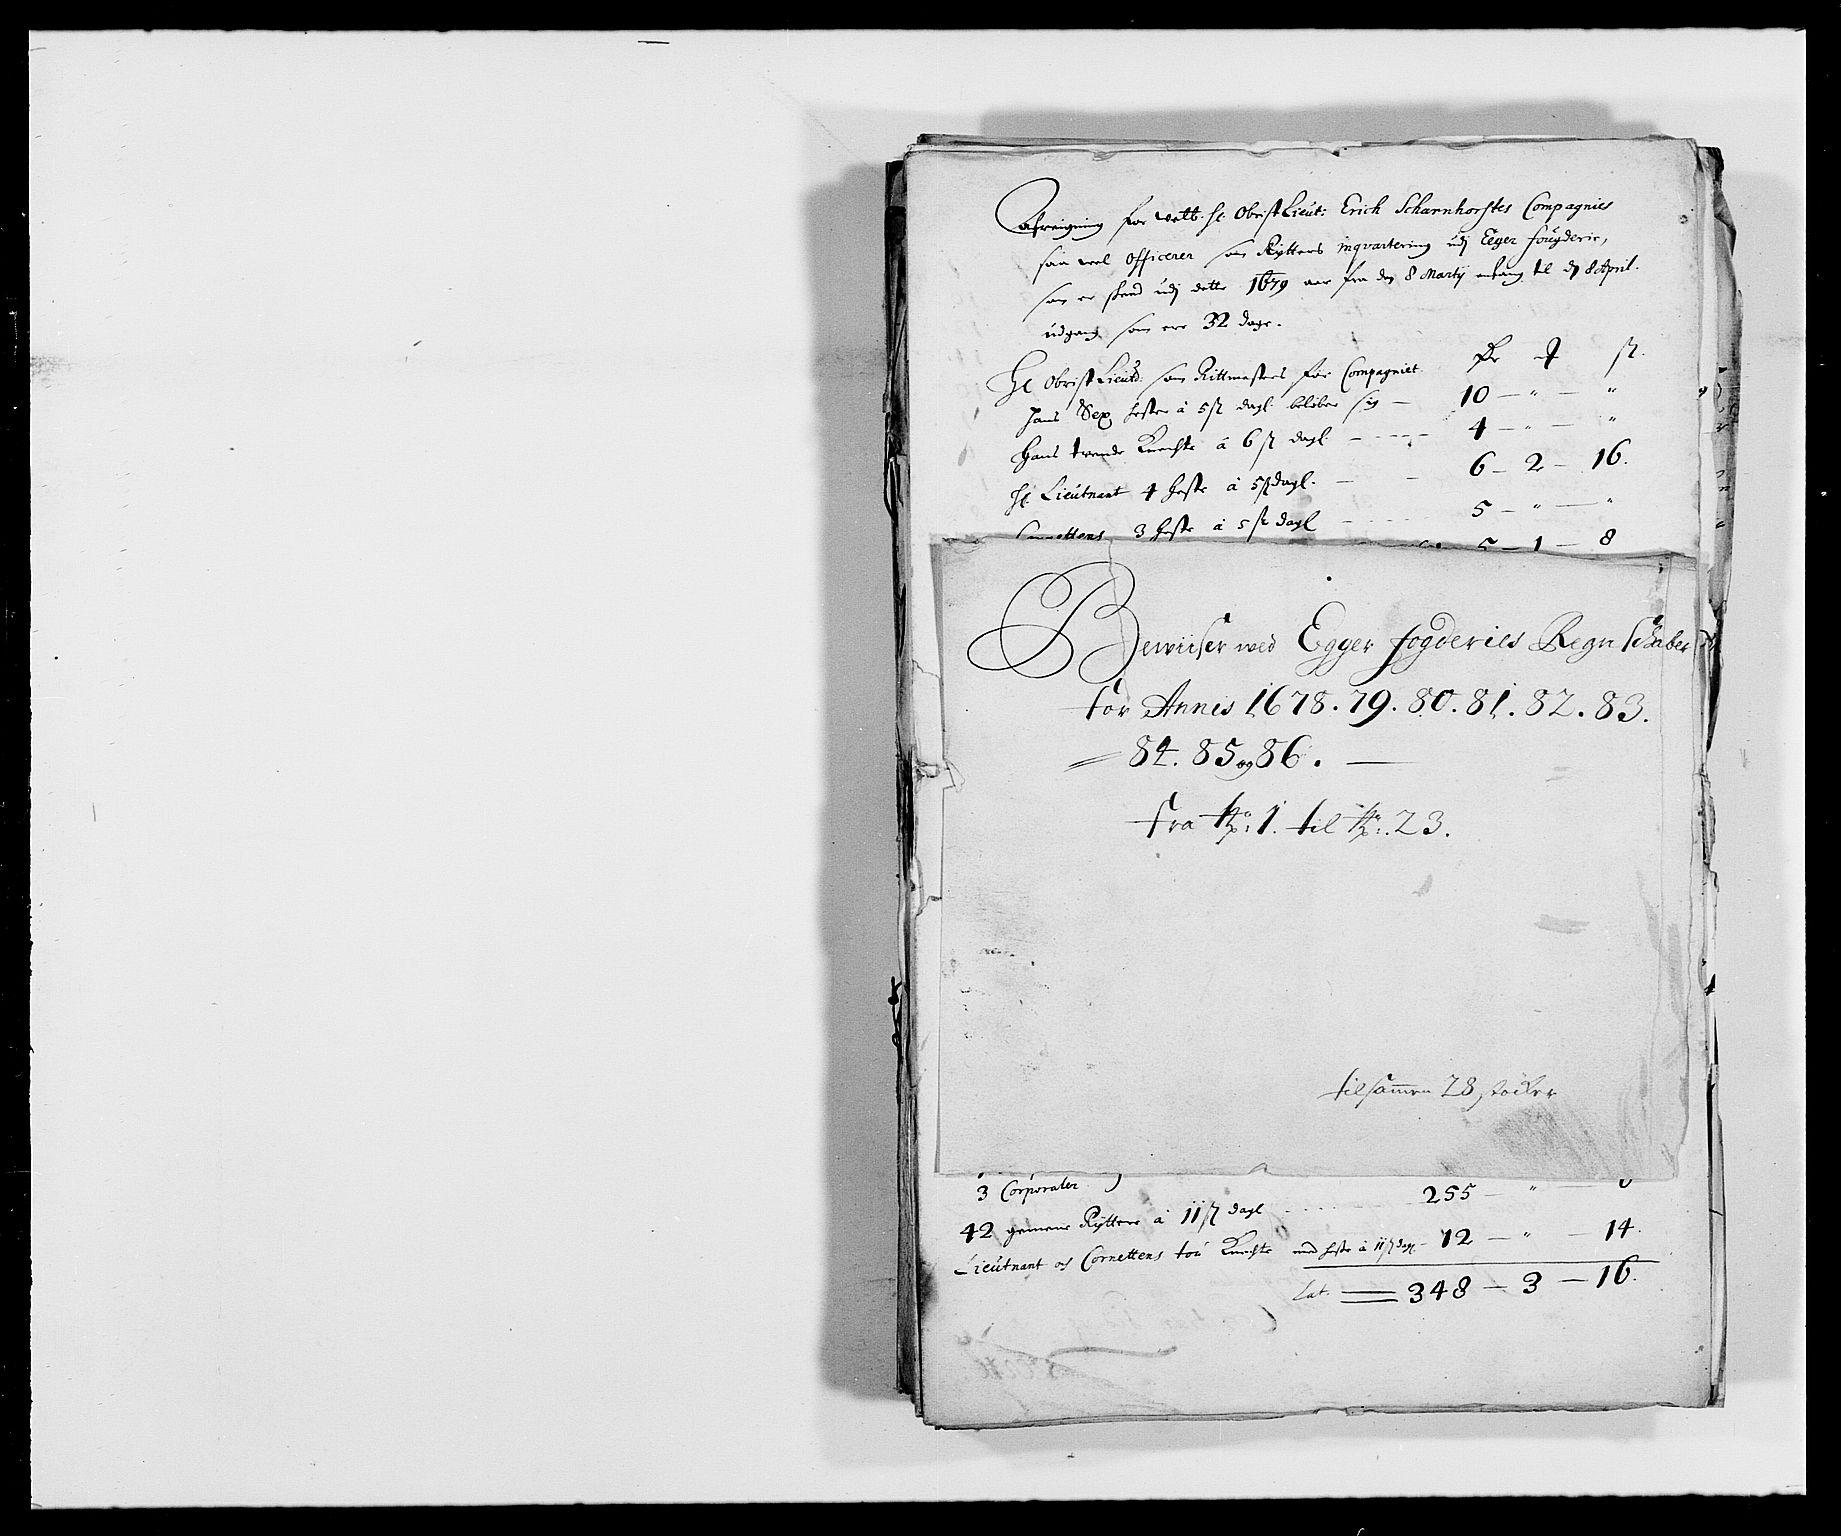 RA, Rentekammeret inntil 1814, Reviderte regnskaper, Fogderegnskap, R26/L1685: Fogderegnskap Eiker, 1679-1686, s. 210